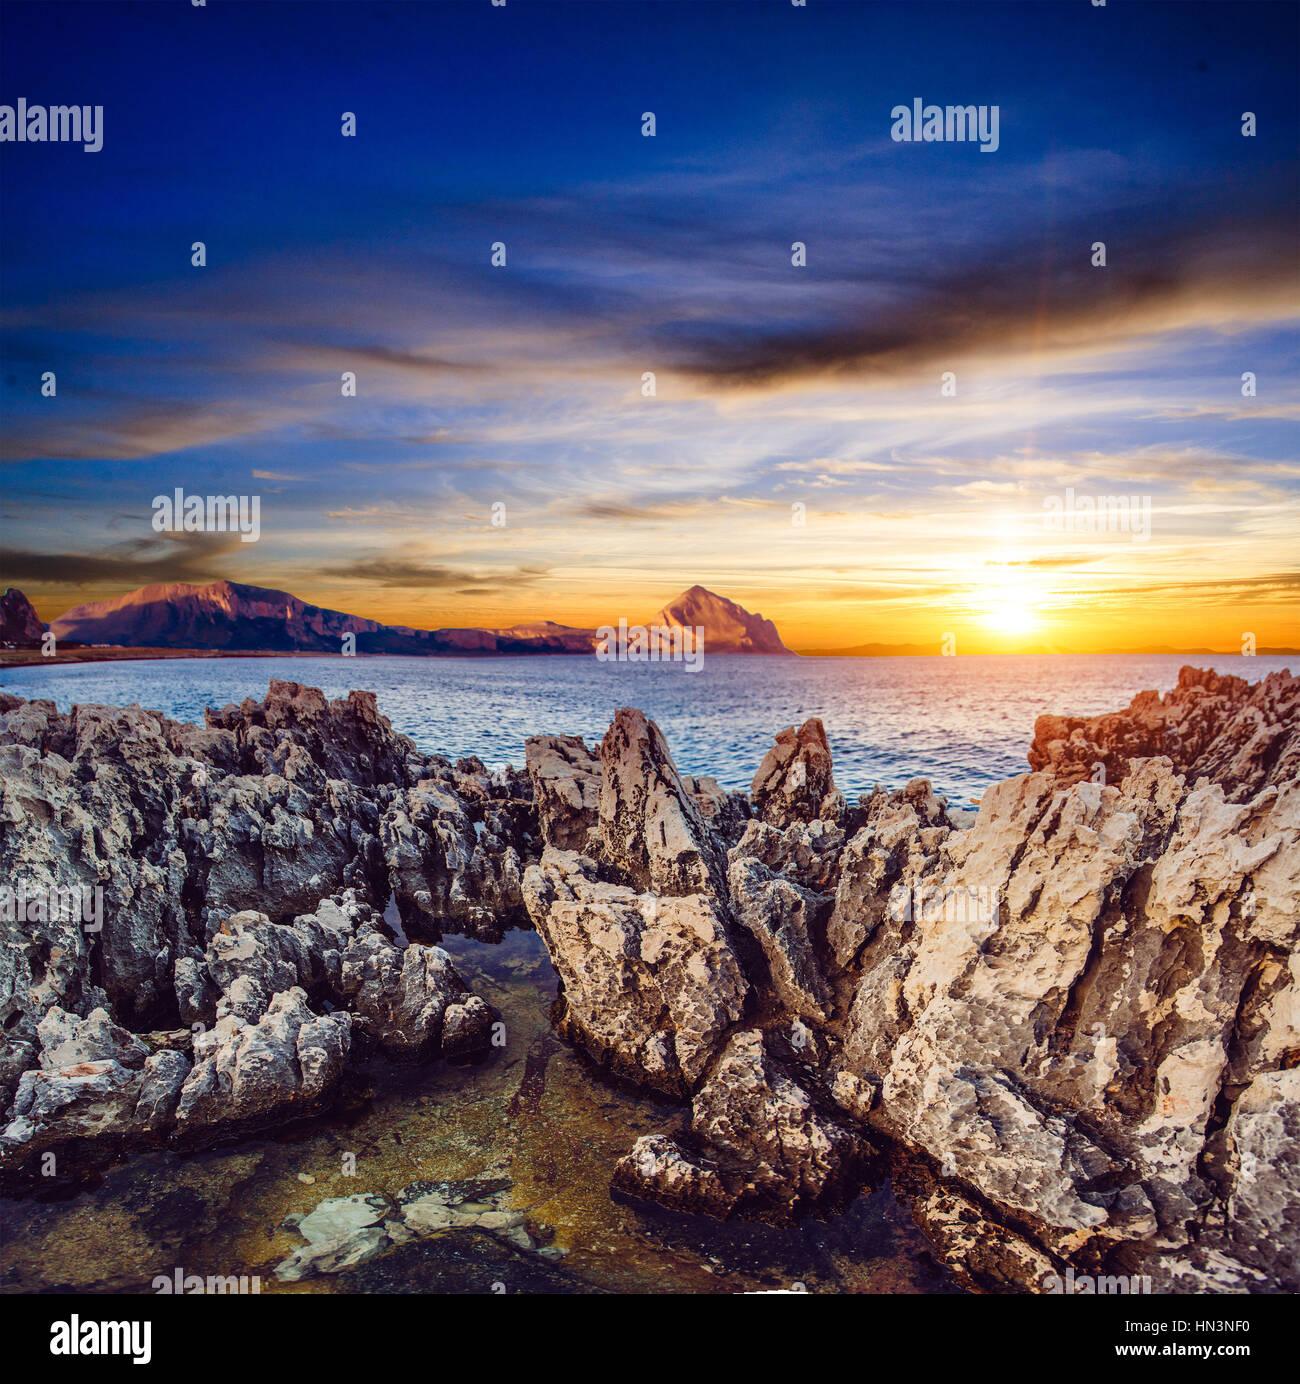 Puesta de sol sobre las rocas. Imagen De Stock